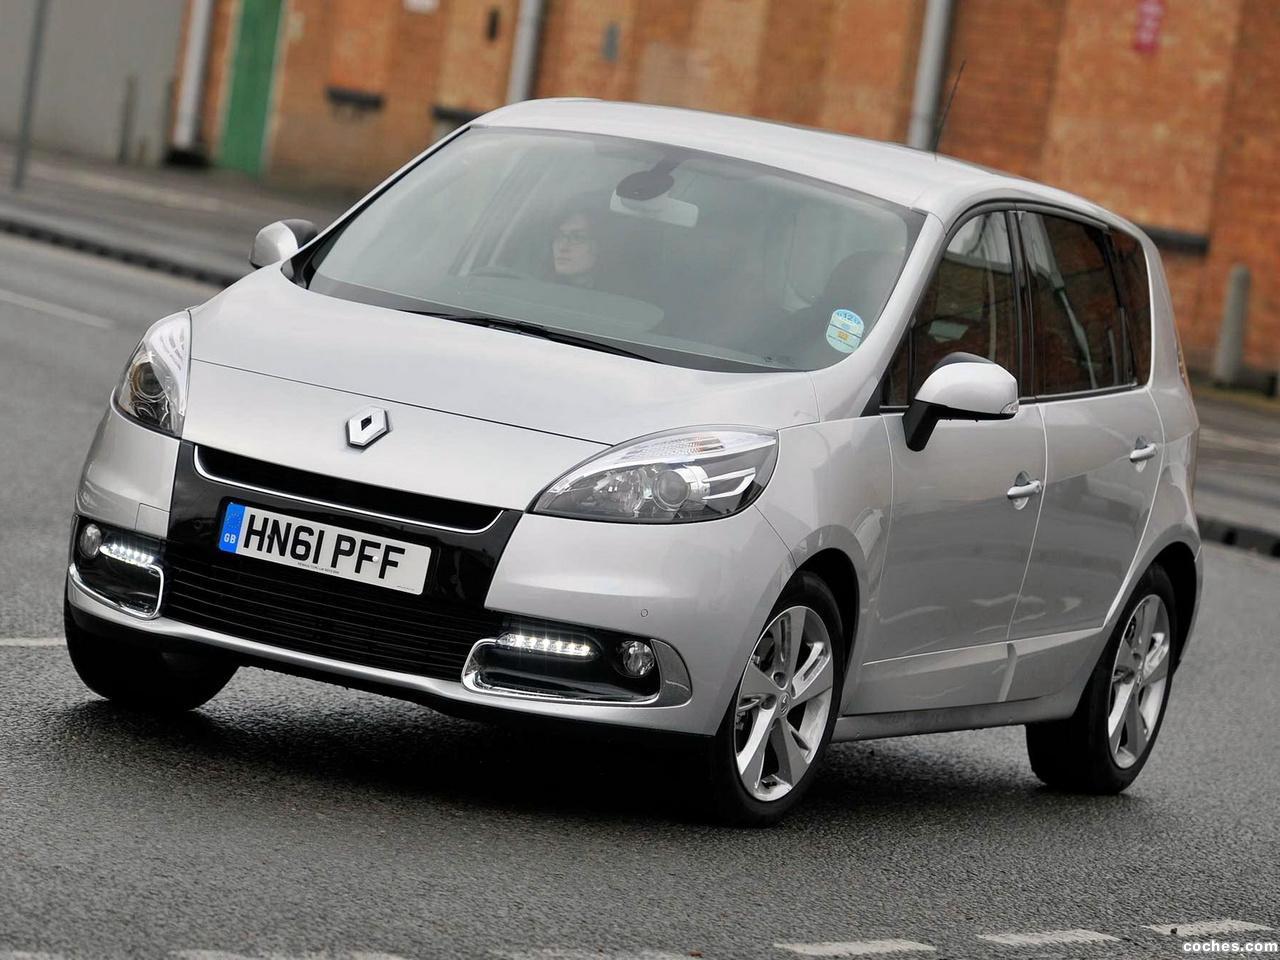 Foto 3 de Renault Scenic UK 2012